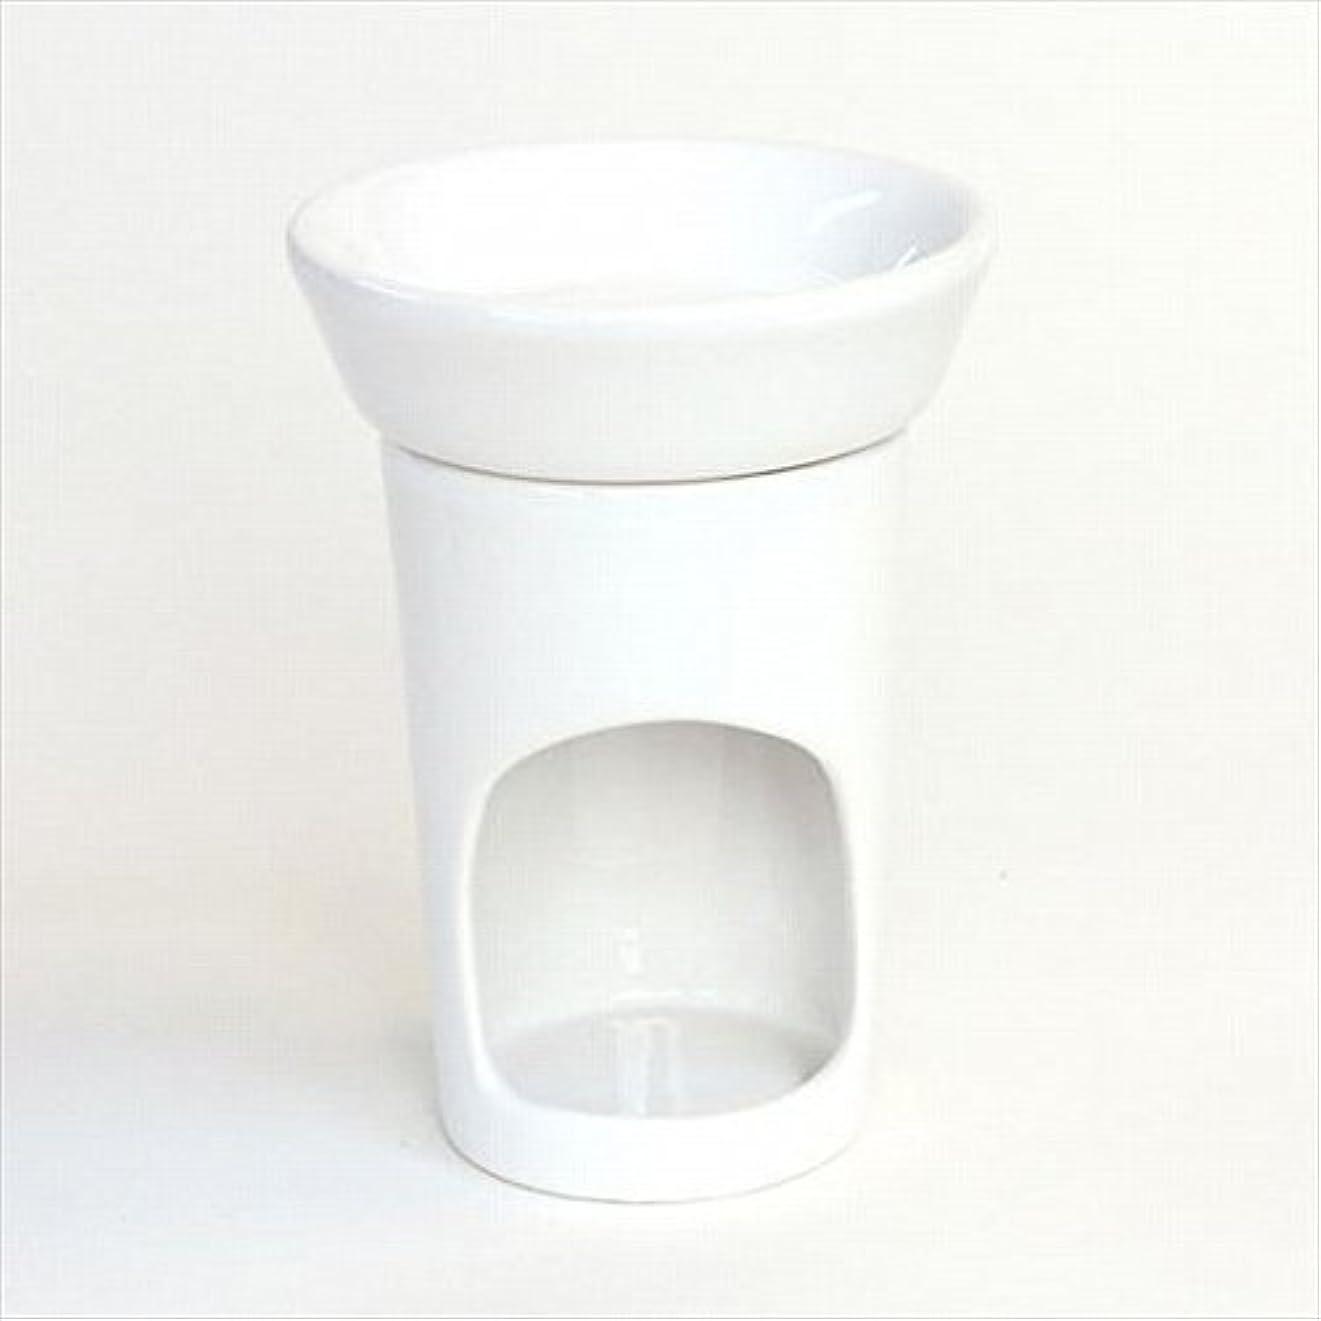 しおれた信じる多くの危険がある状況kameyama candle(カメヤマキャンドル) ブランタルトウォーマー キャンドル 78x78x116mm (J5250000)